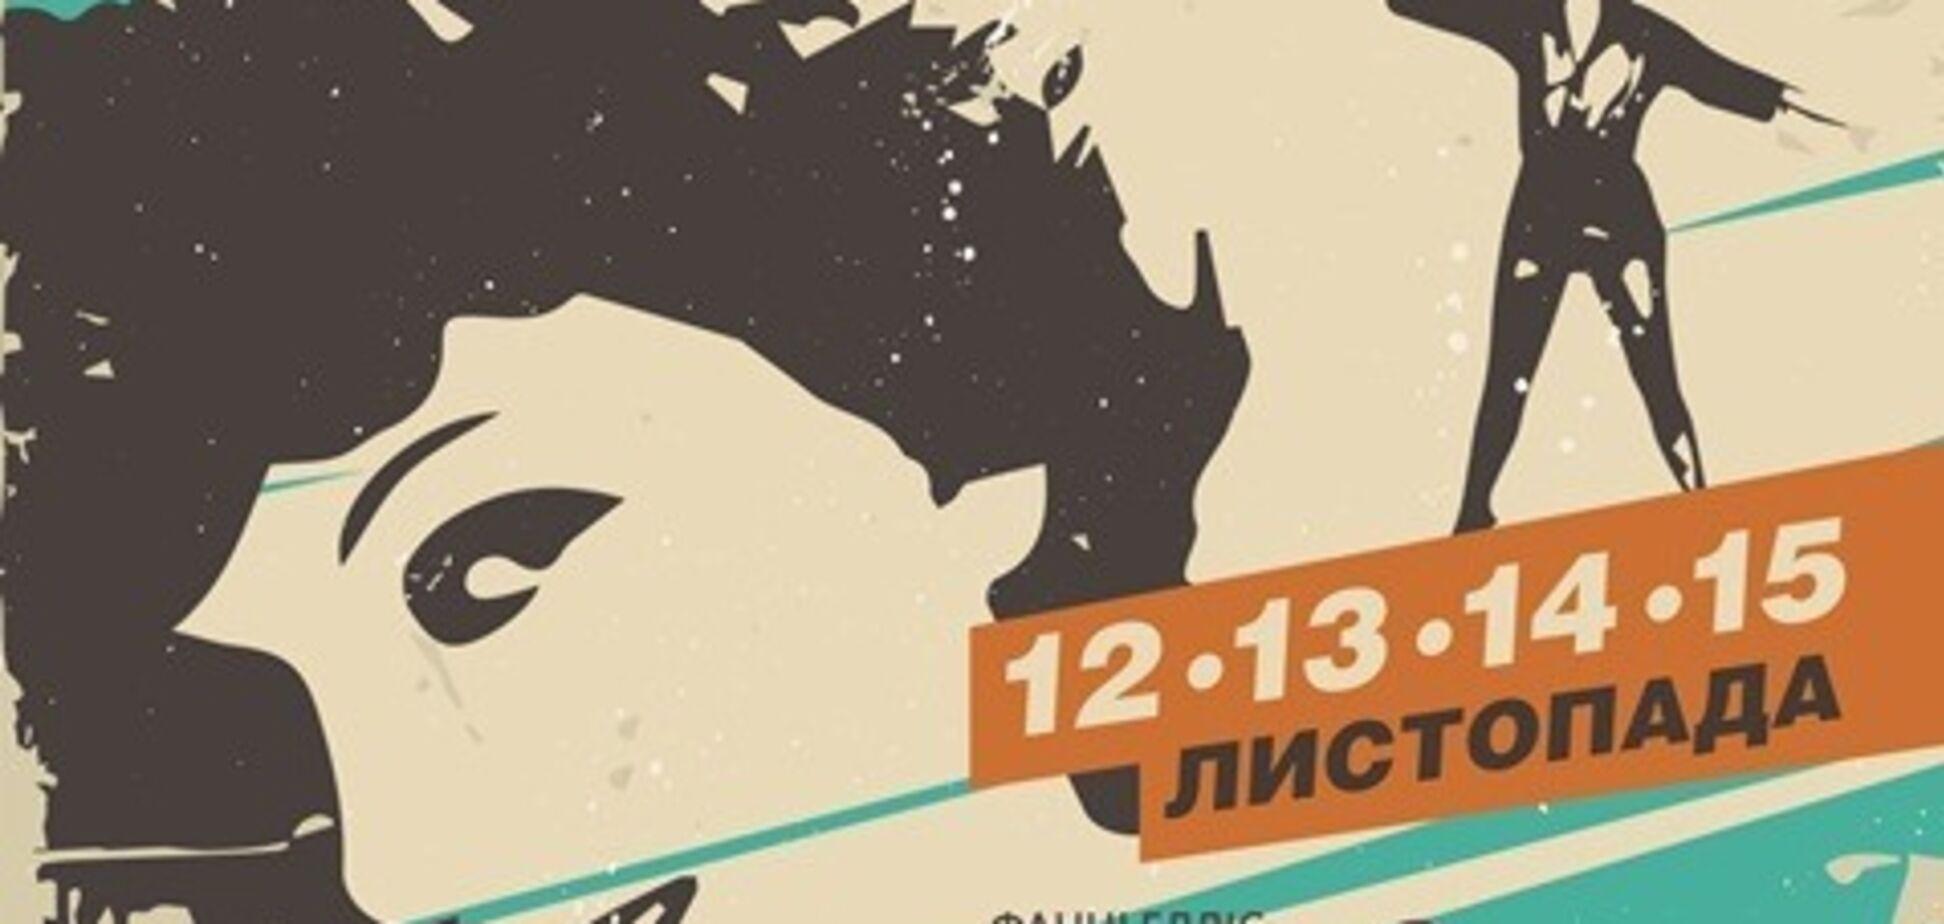 Національна оперета України запрошує у листопаді на прем'єру